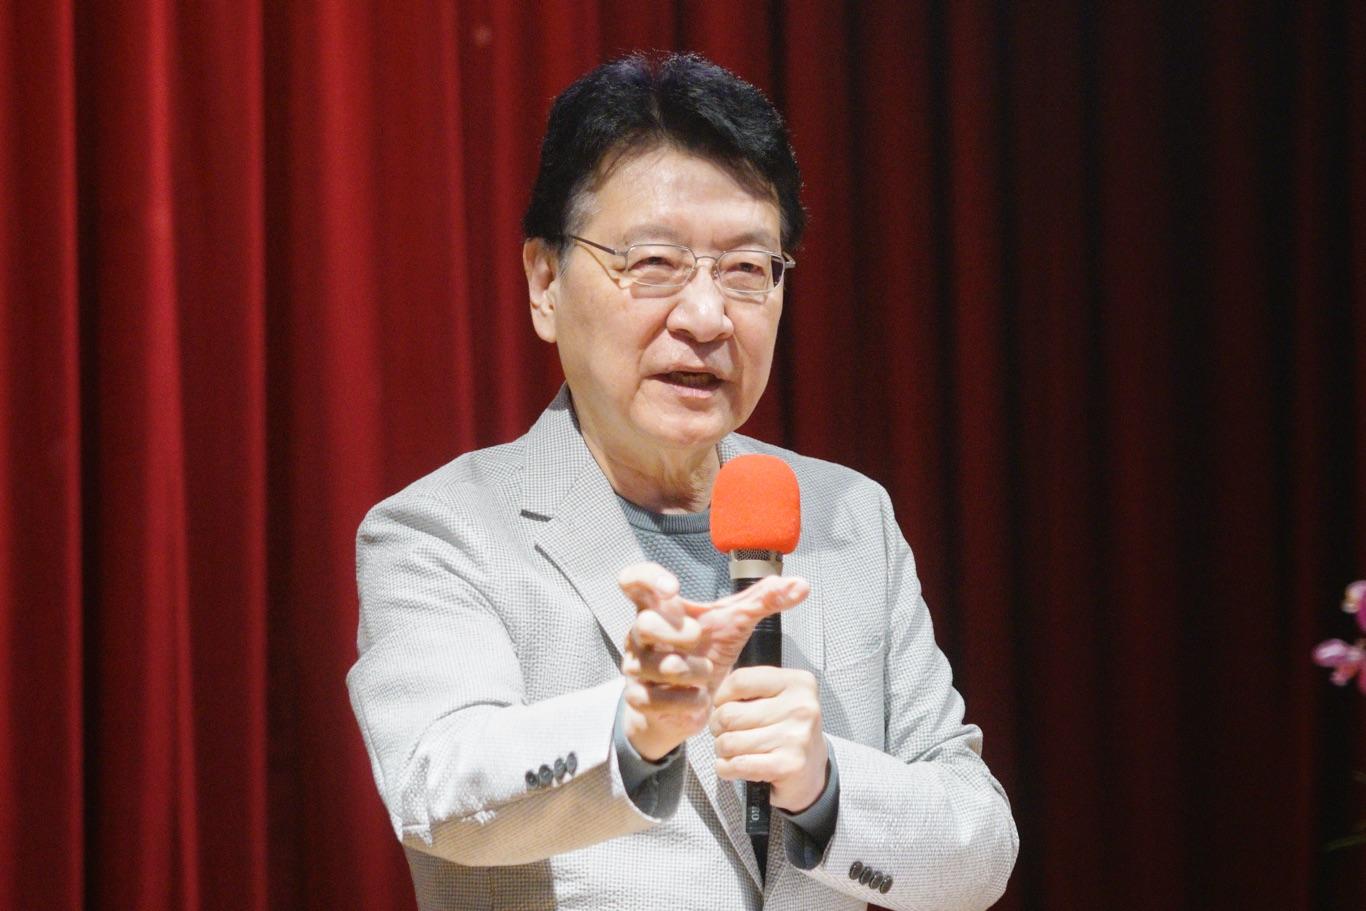 「比歧視更糟百倍!」趙少康:蔡應命令蘇不該講武漢肺炎